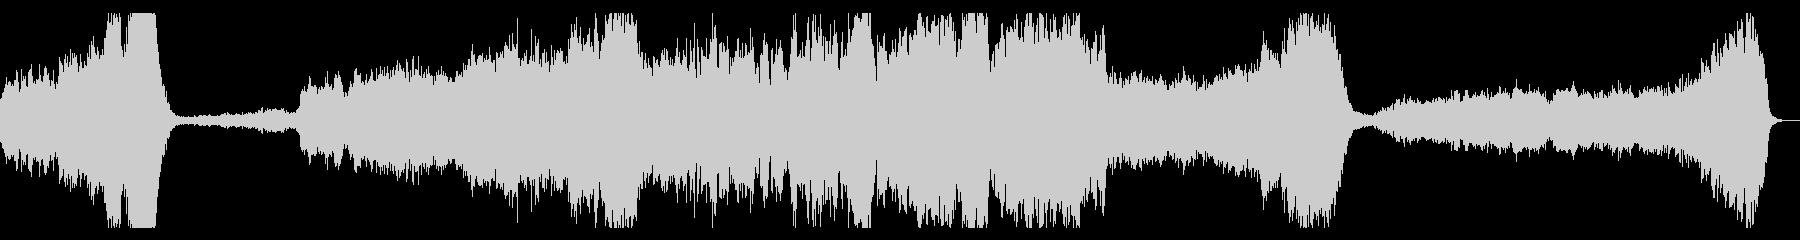 ダークファンタジー系 オーケストラBGMの未再生の波形